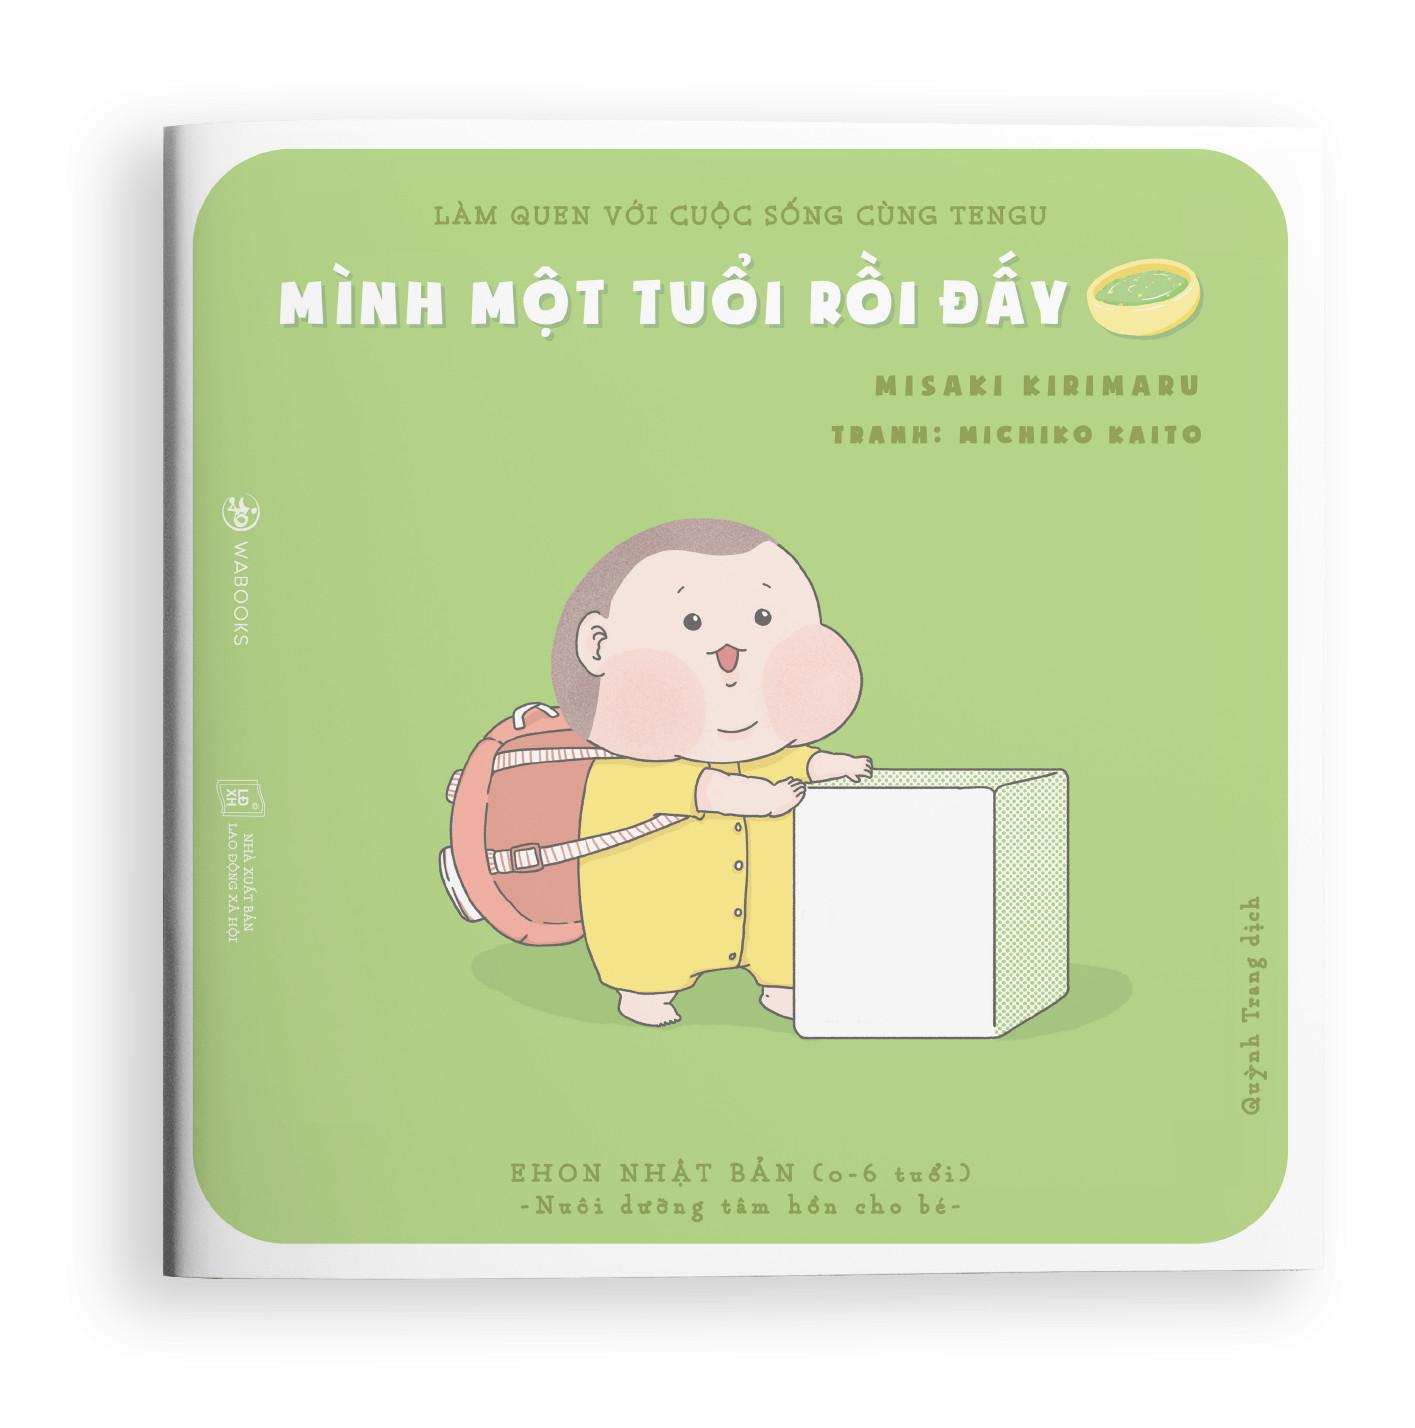 Làm quen với cuộc sống cùng Tengu - Combo 4 cuốn Ehon Nhật Bản cho bé 0-6 tuổi